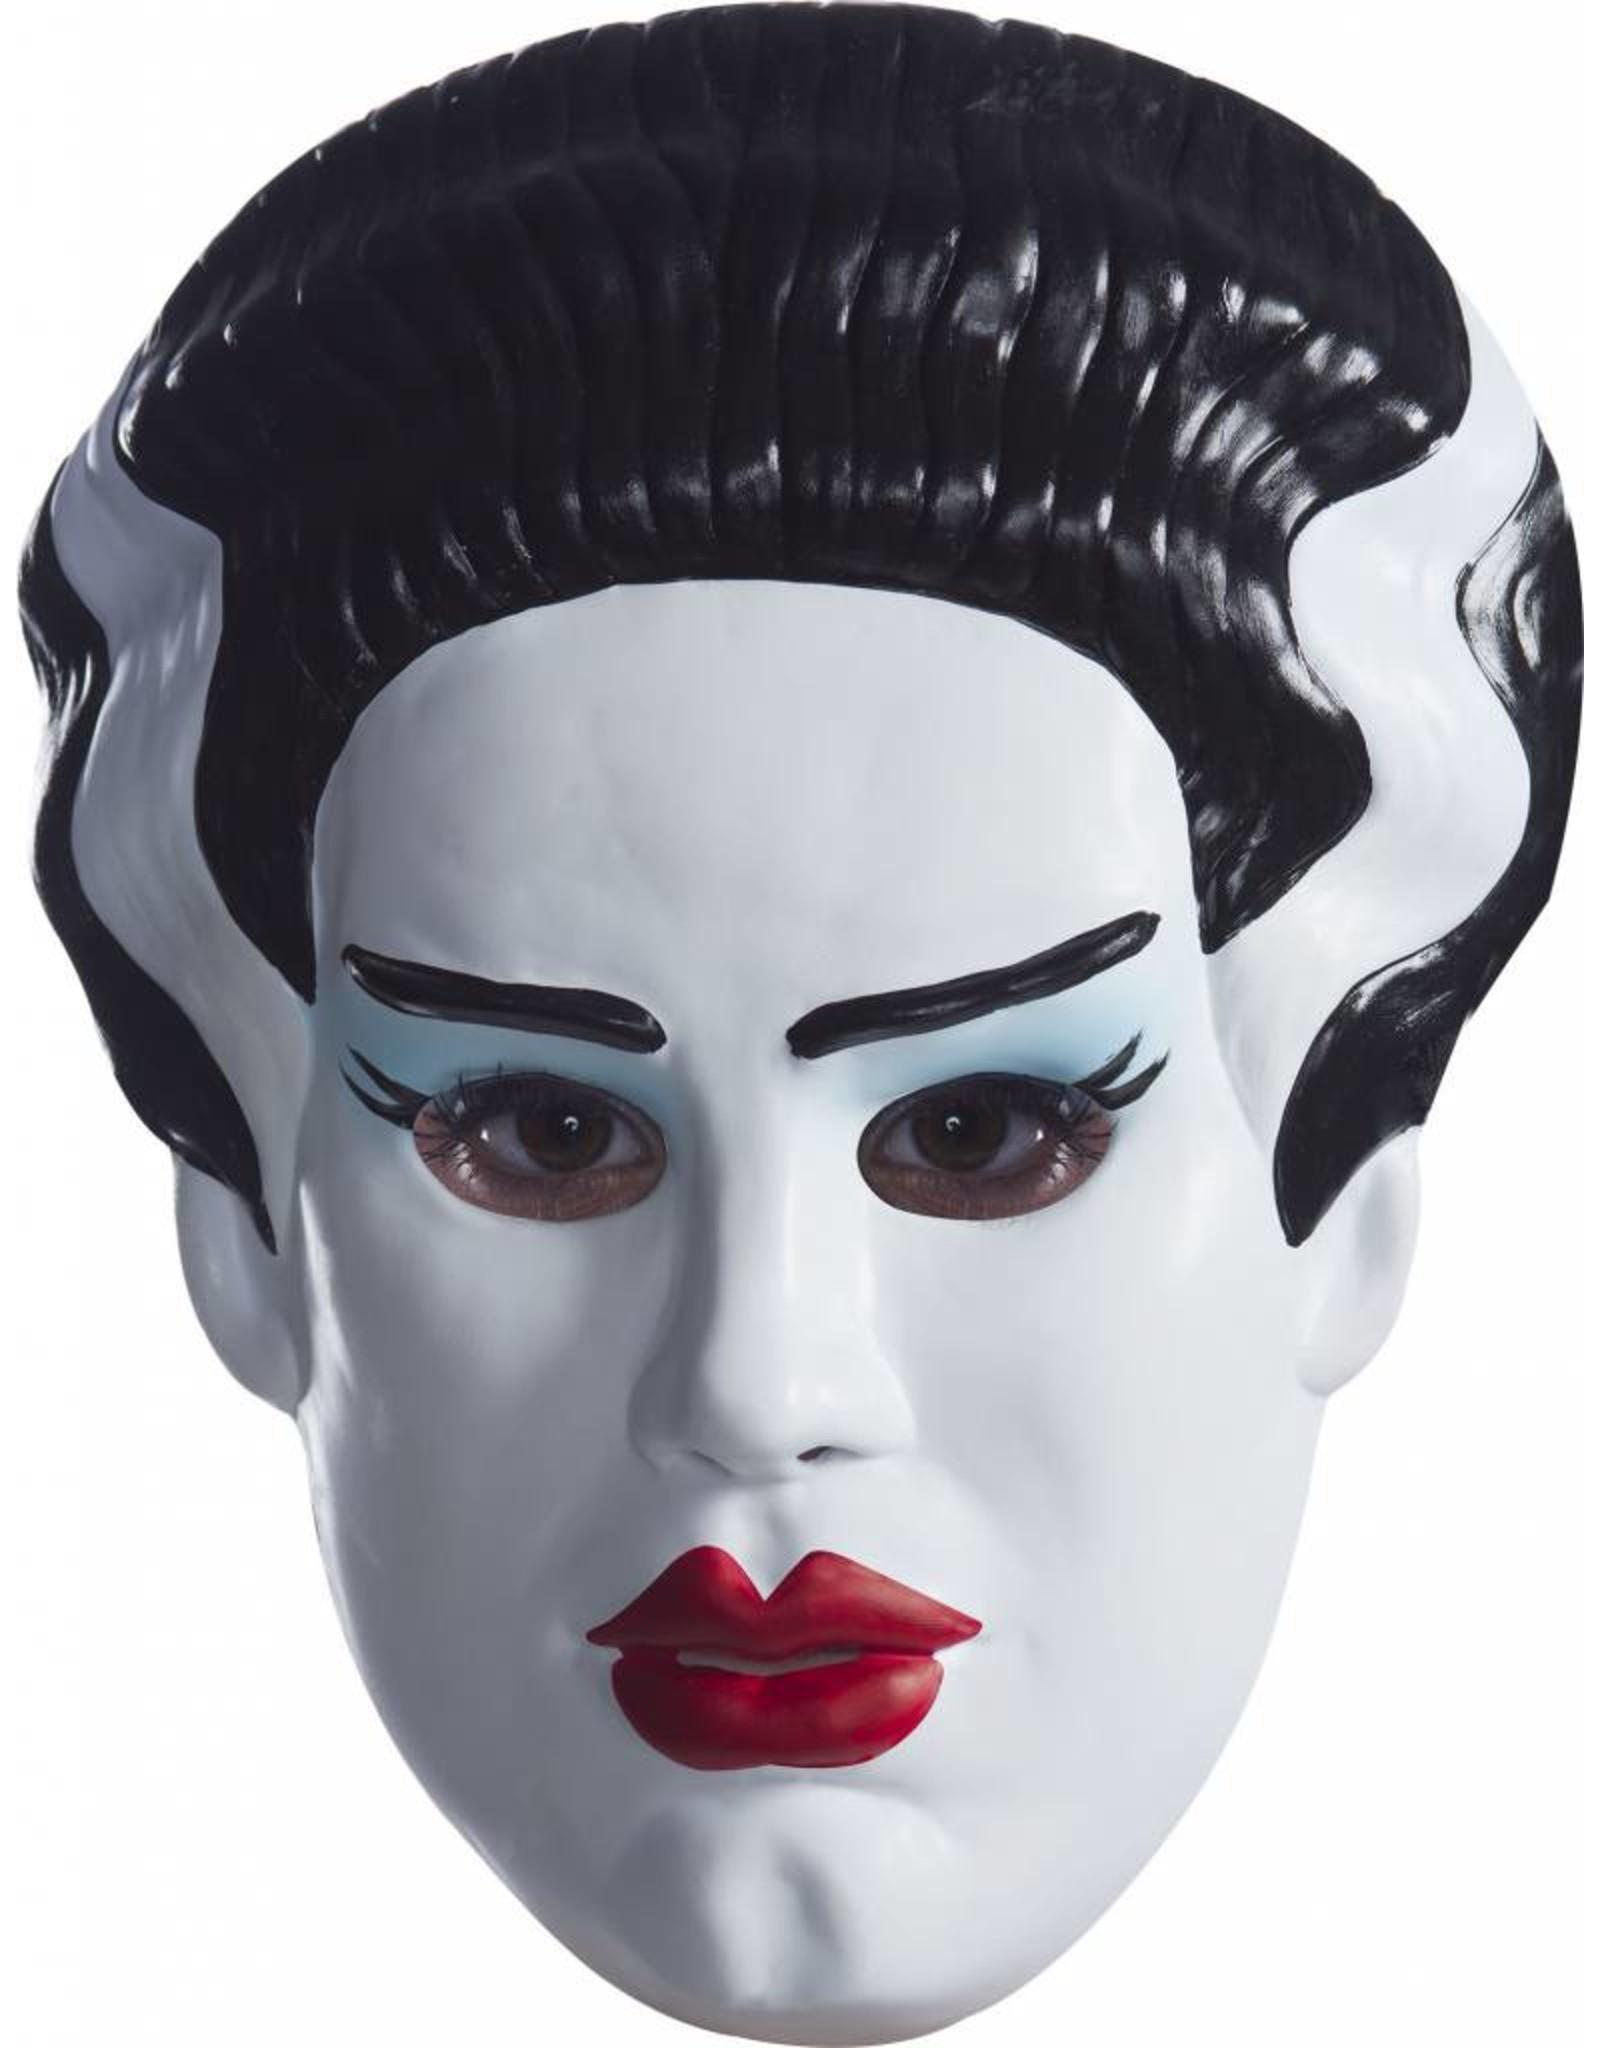 Rubies Bride of Frankenstein Mask